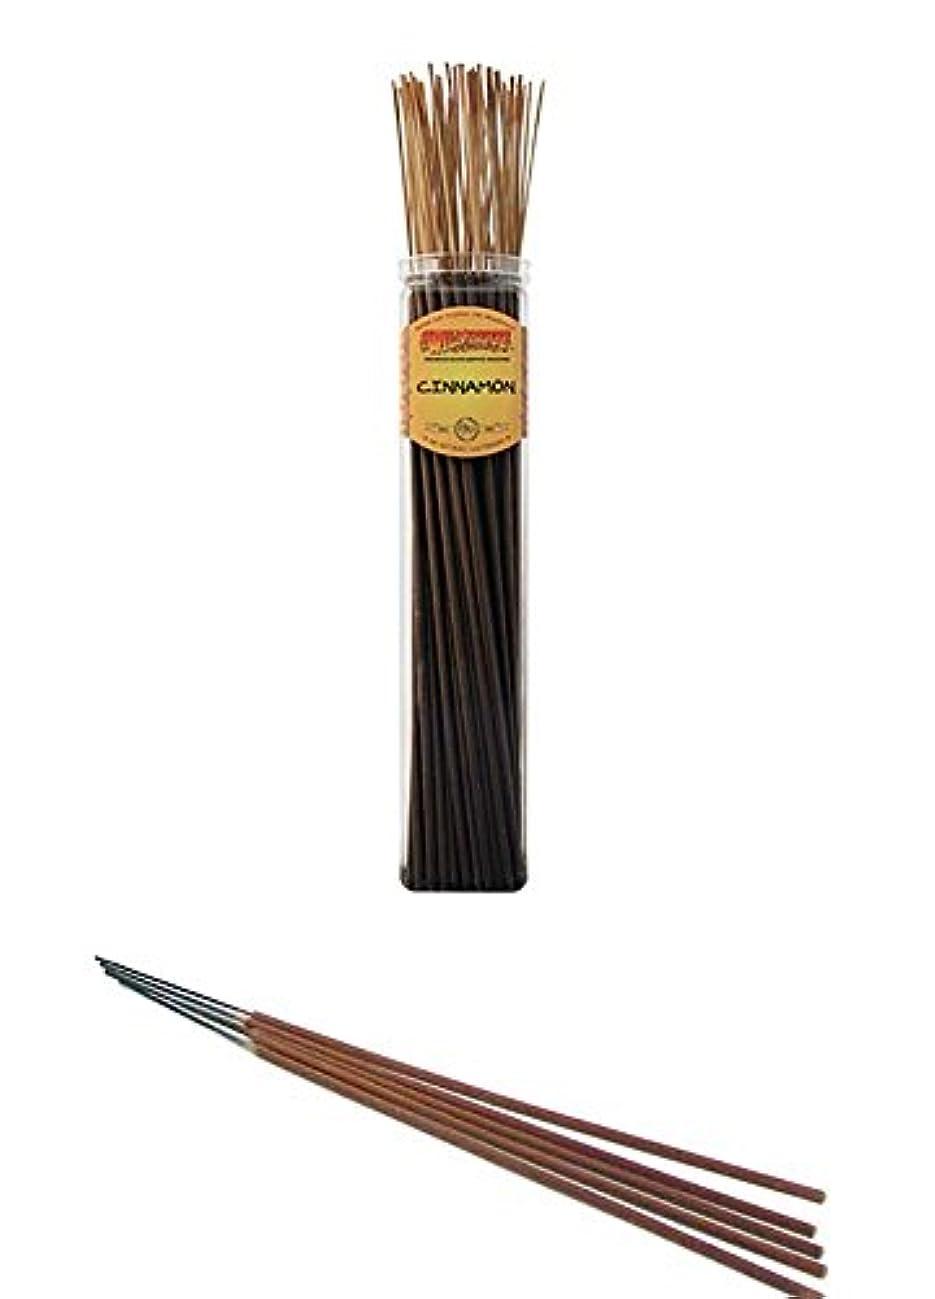 シナモン – Wild Berry Highly Fragranced Large Incense Sticks